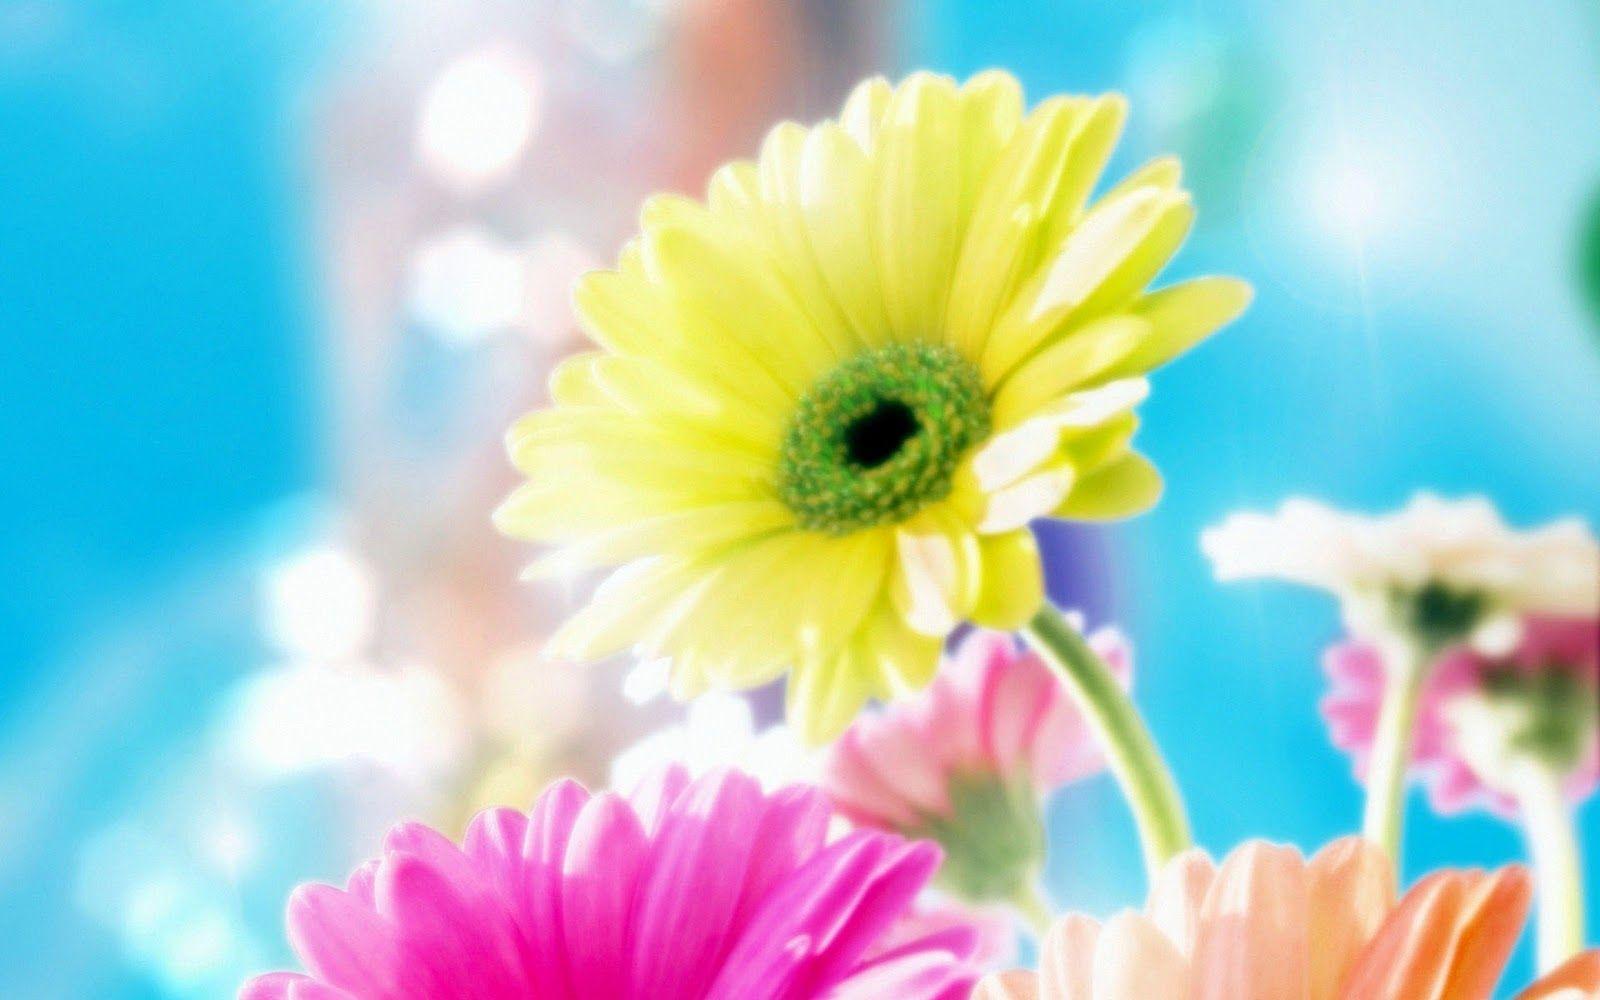 Hoa ngọt ngào 1600x1000 Thú vị: Hình nền hoa đẹp nhất